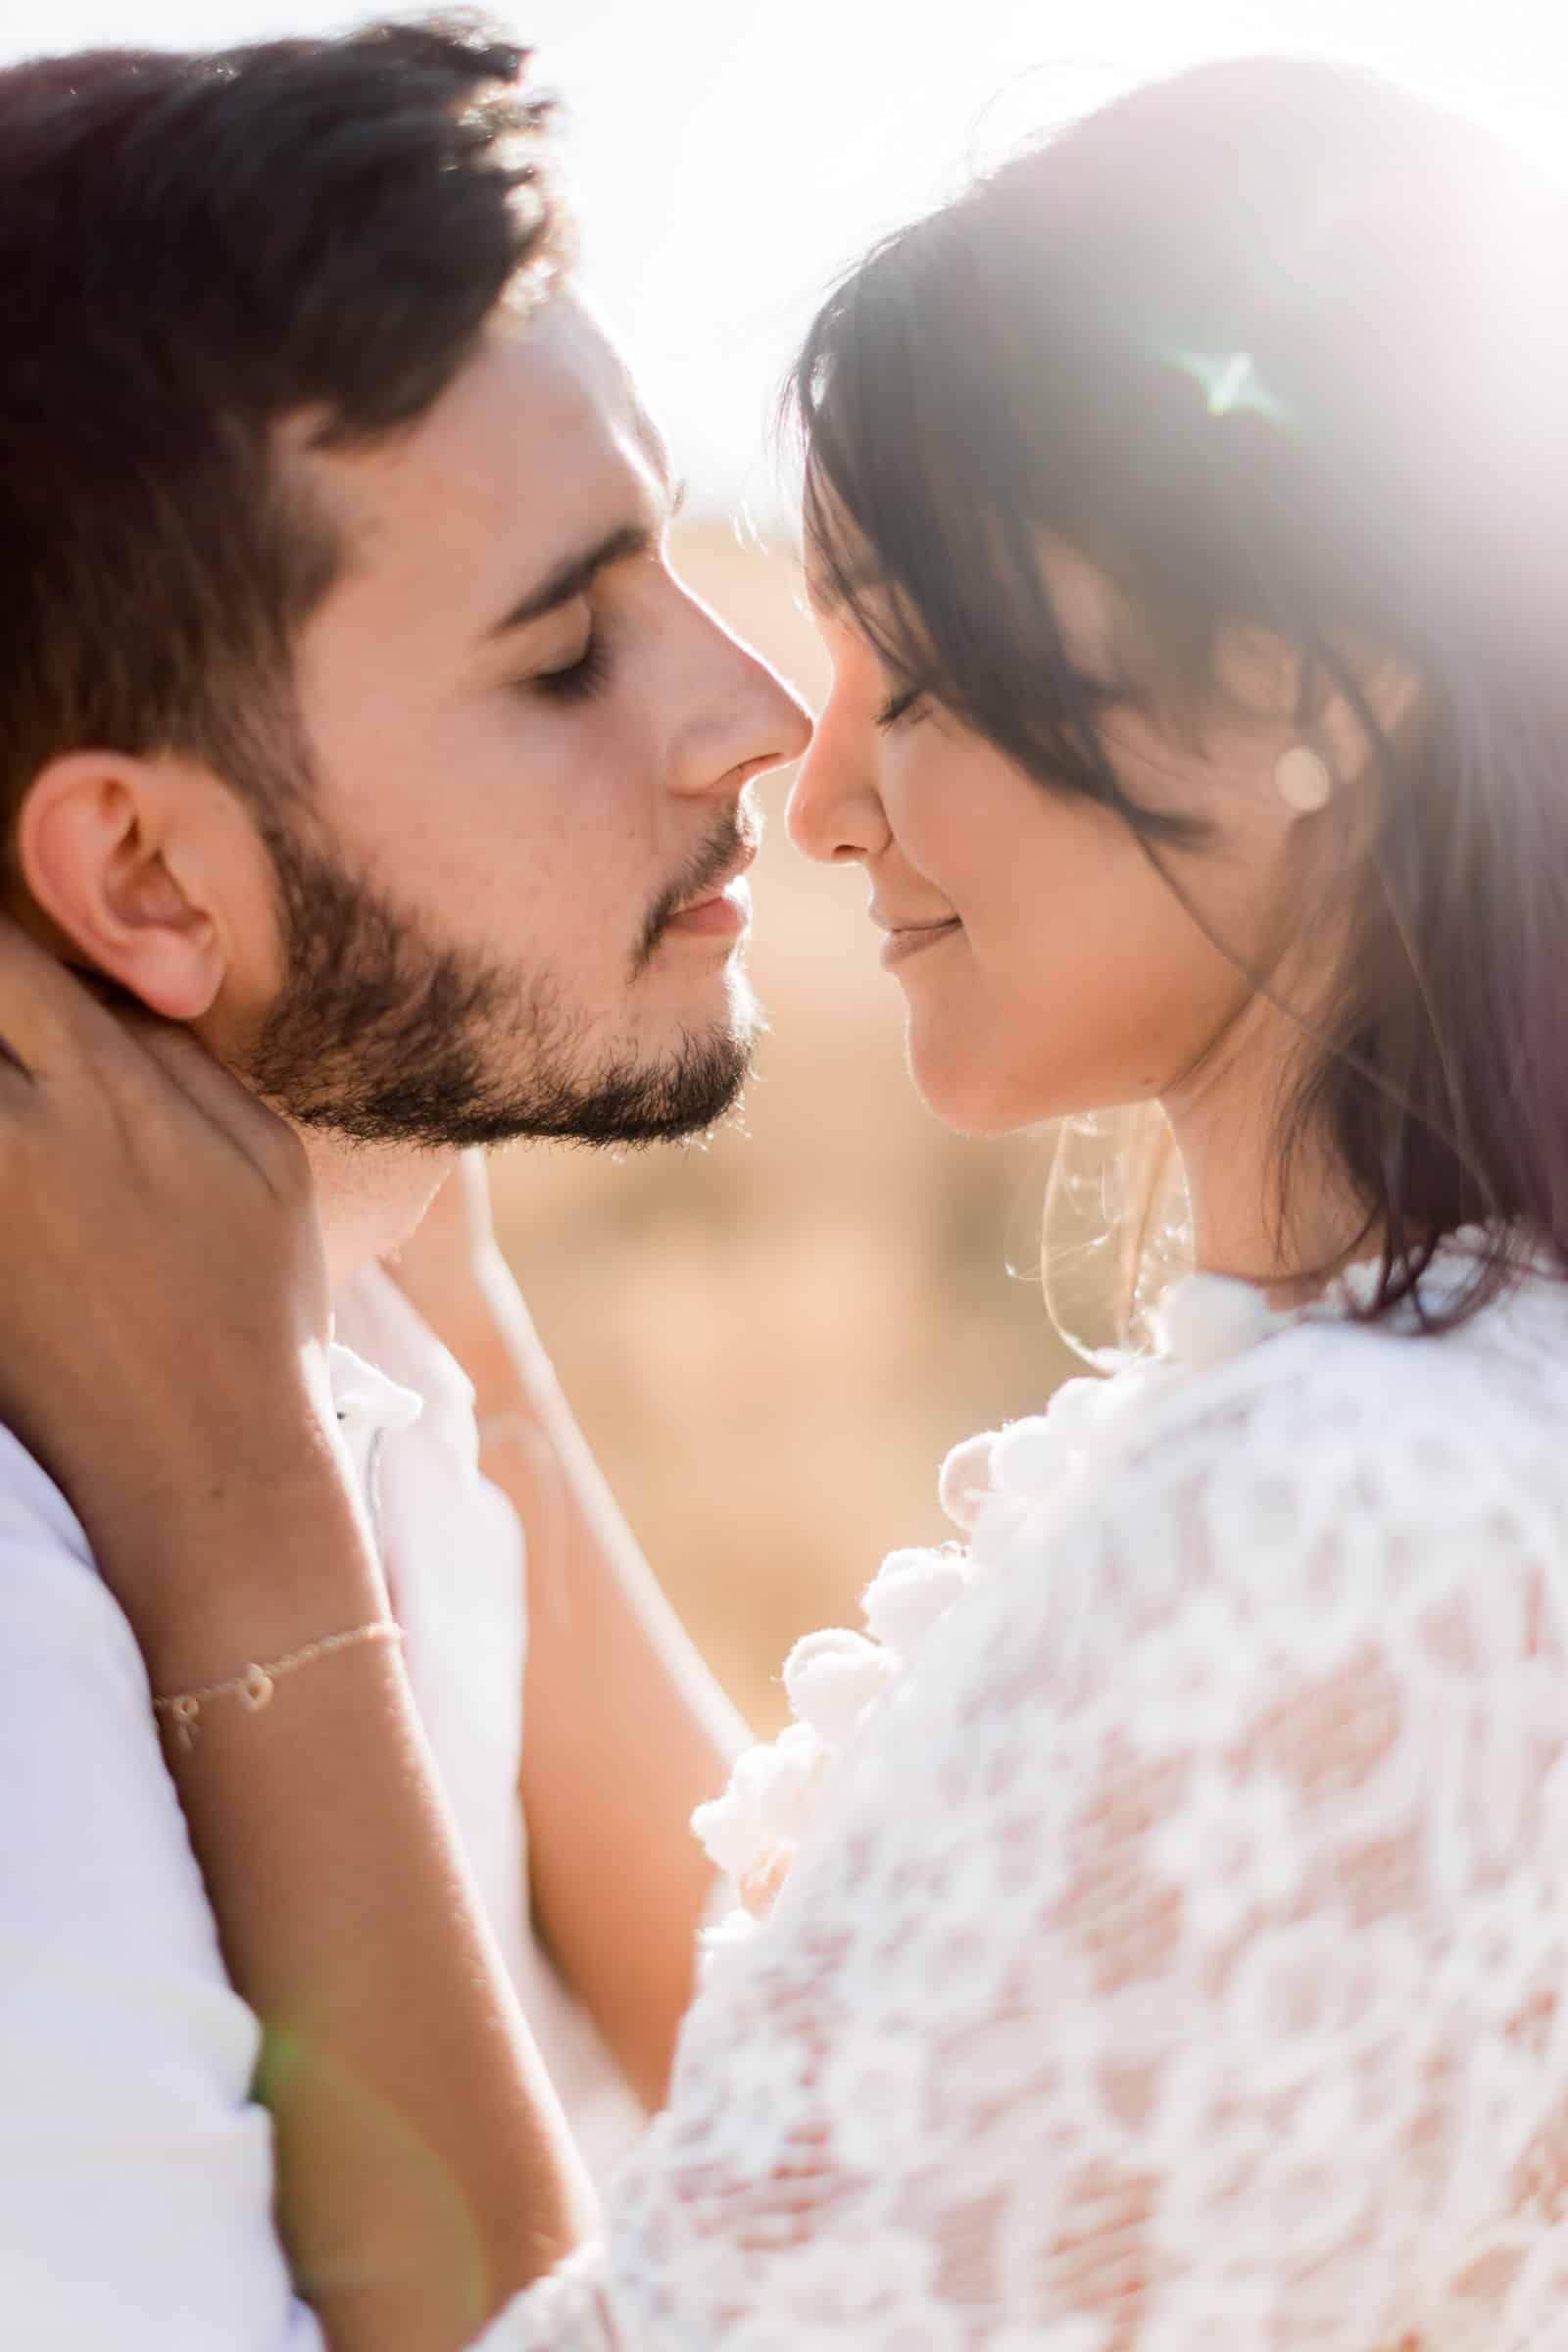 Photographie de Mathieu Dété, photographe de mariage et fiançailles à Saint-Pierre de la Réunion 974, présentant un couple enlacé dans la savane du Cap la Houssaye